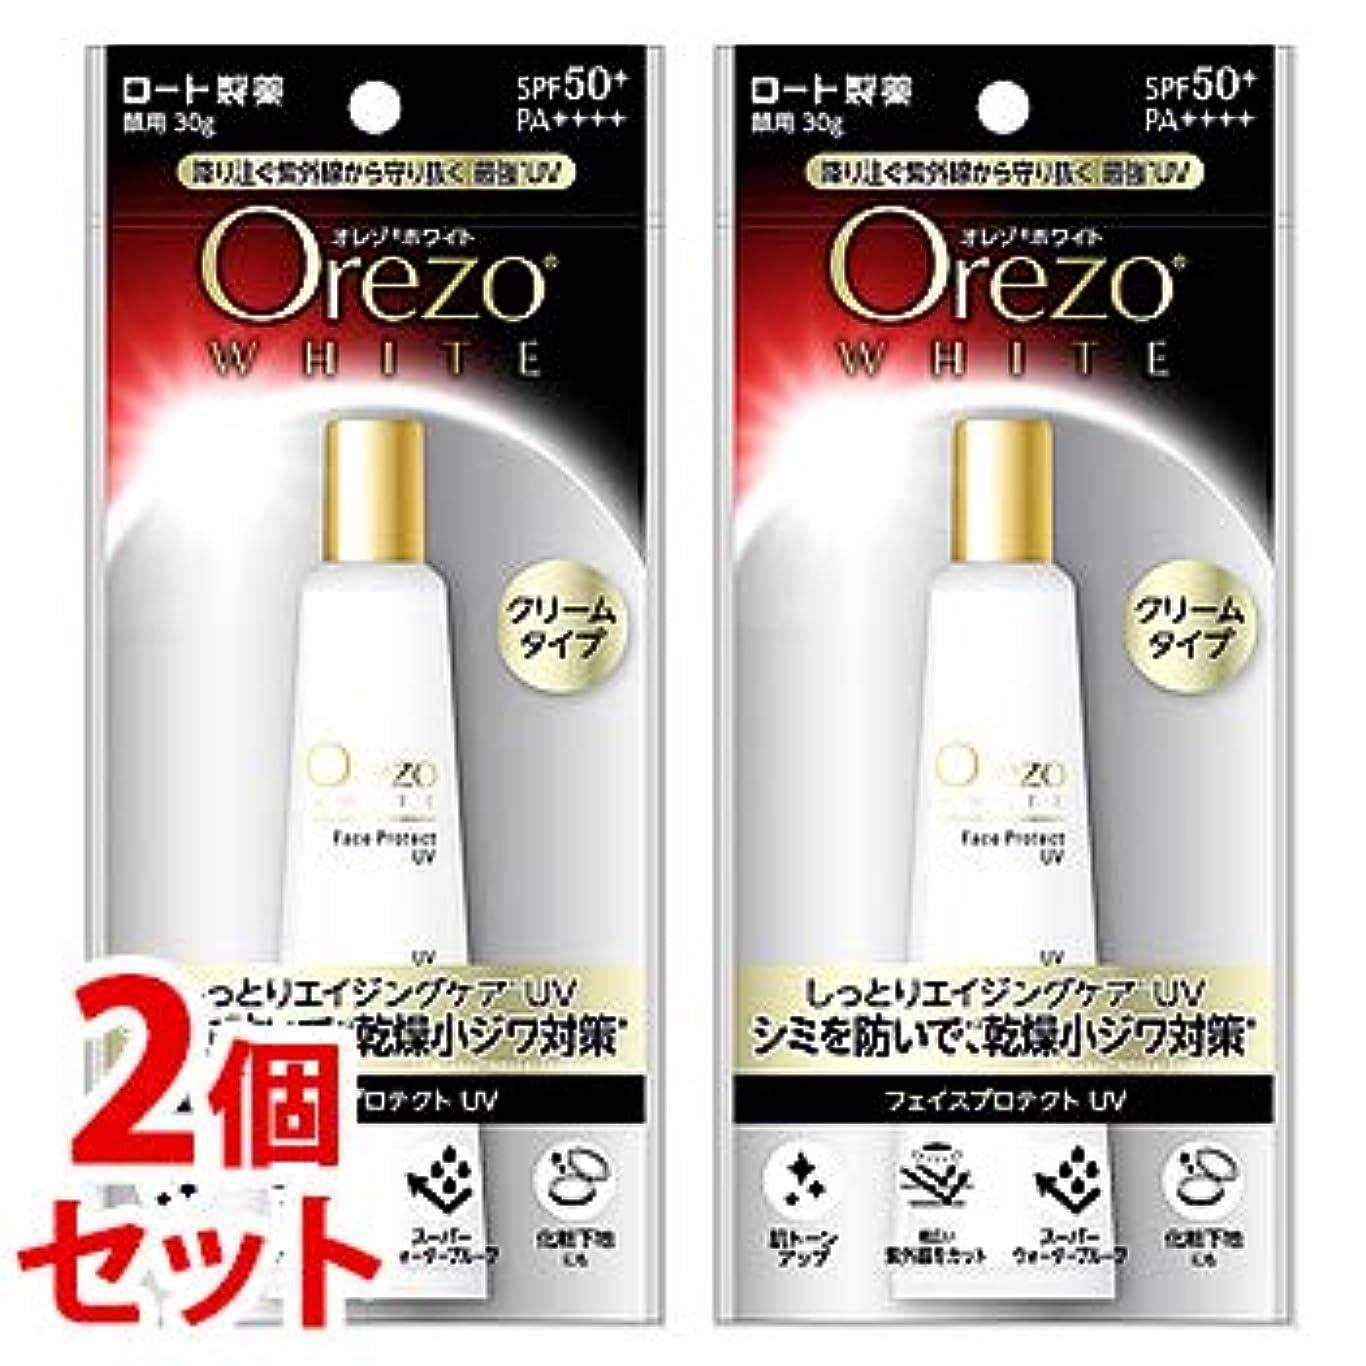 あいまいな暖かく新着《セット販売》 ロート製薬 Orezo オレゾ ホワイト フェイスプロテクトUV SPF50+ PA++++ (30g)×2個セット 顔用 日やけ止め 化粧下地 クリームタイプ